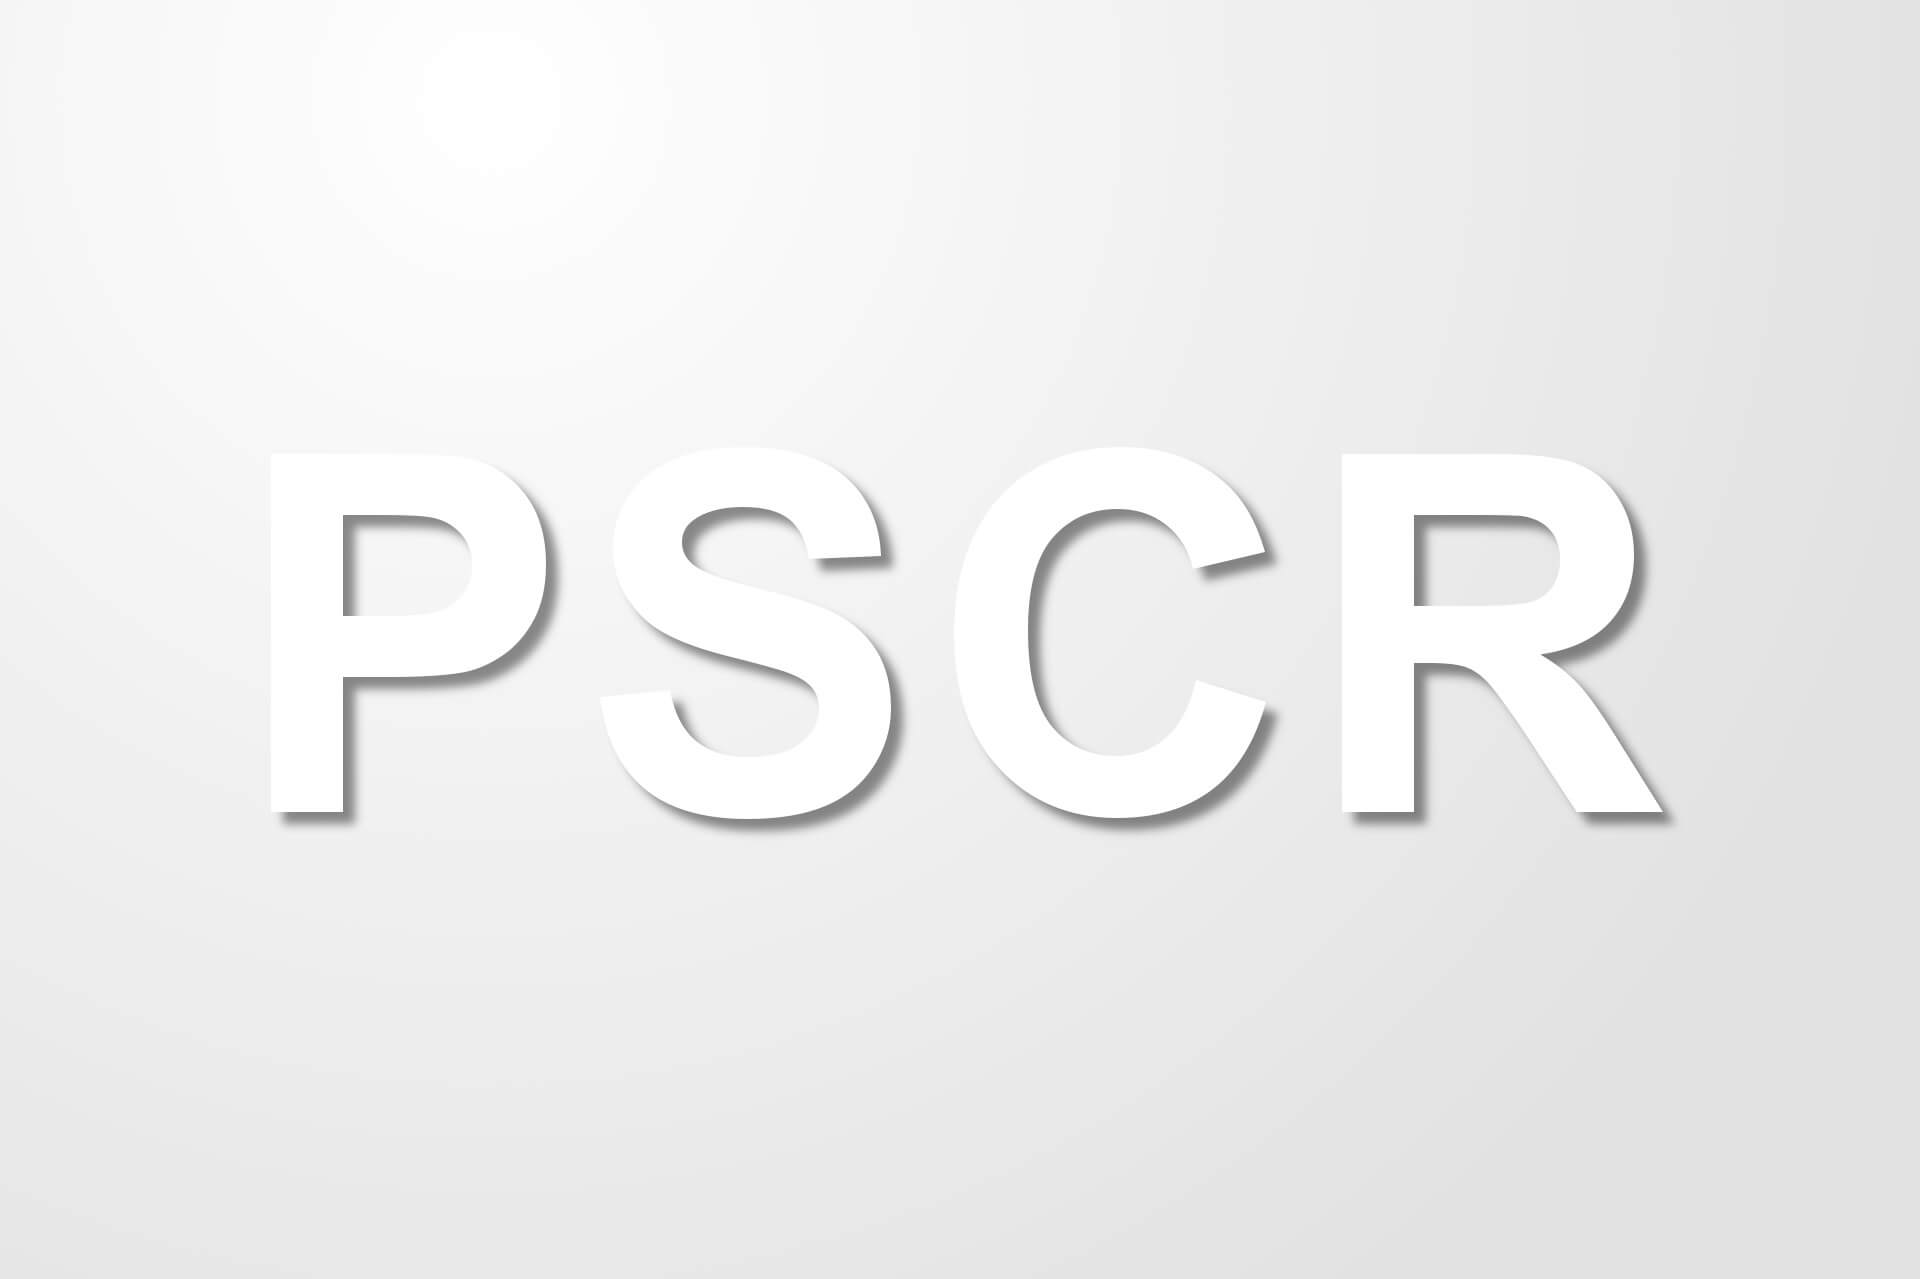 Representante de seguridad y conformidad de producto (PSCR)